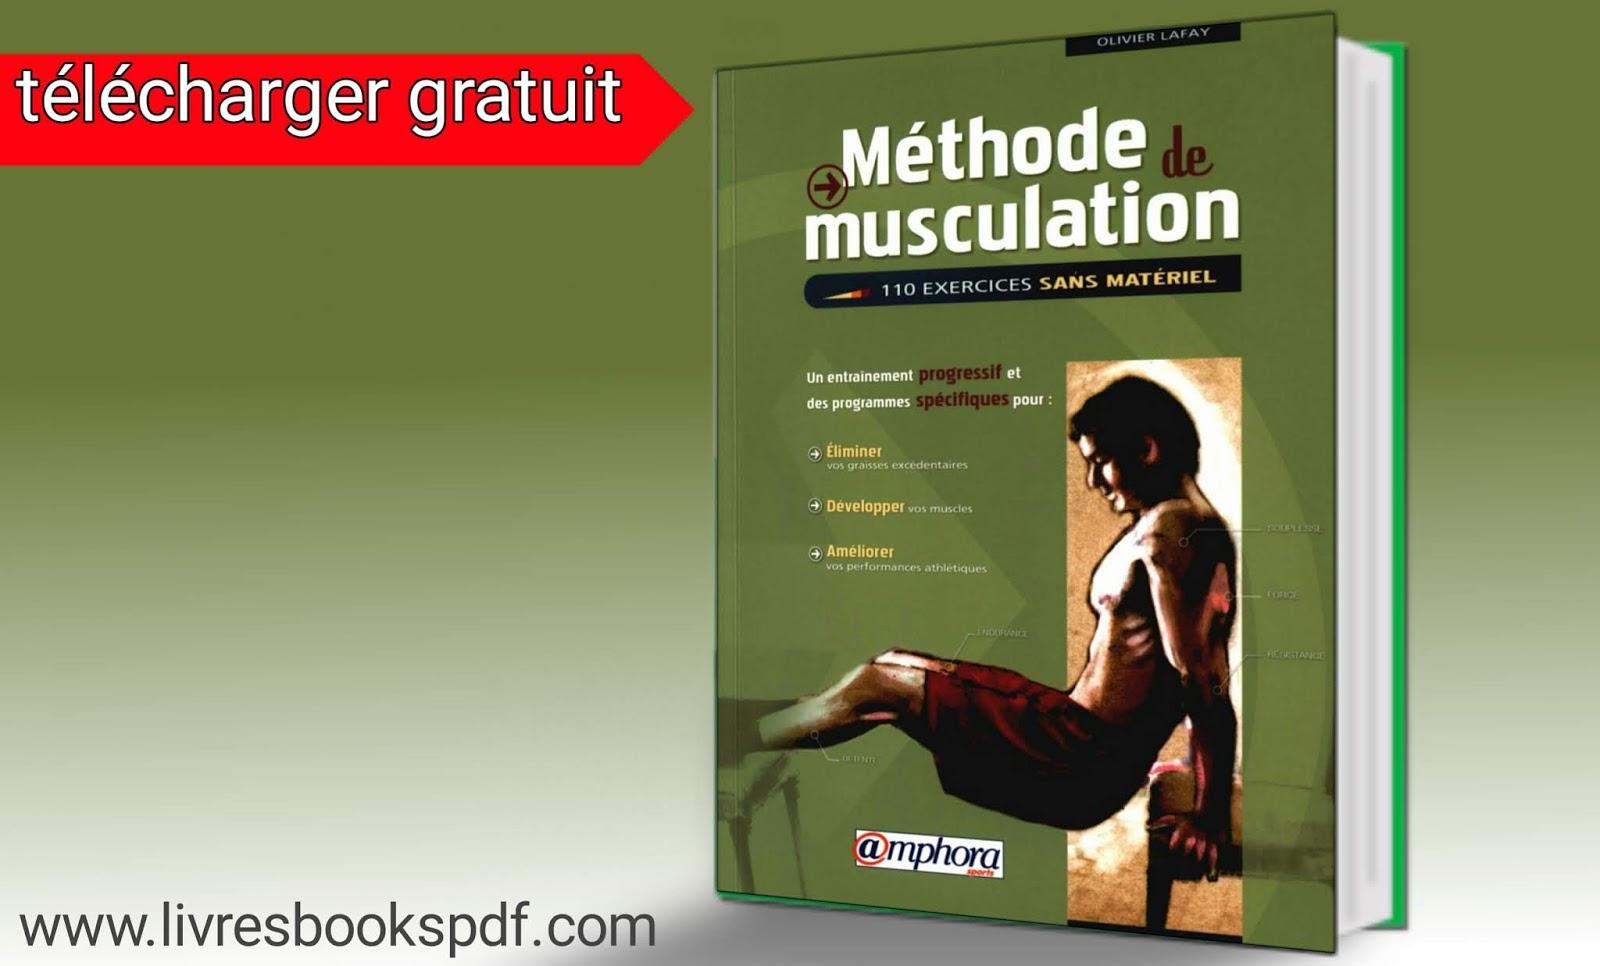 Méthode de musculation , musculation optimisation Turbo, 110 exercices sans materiel, musculation